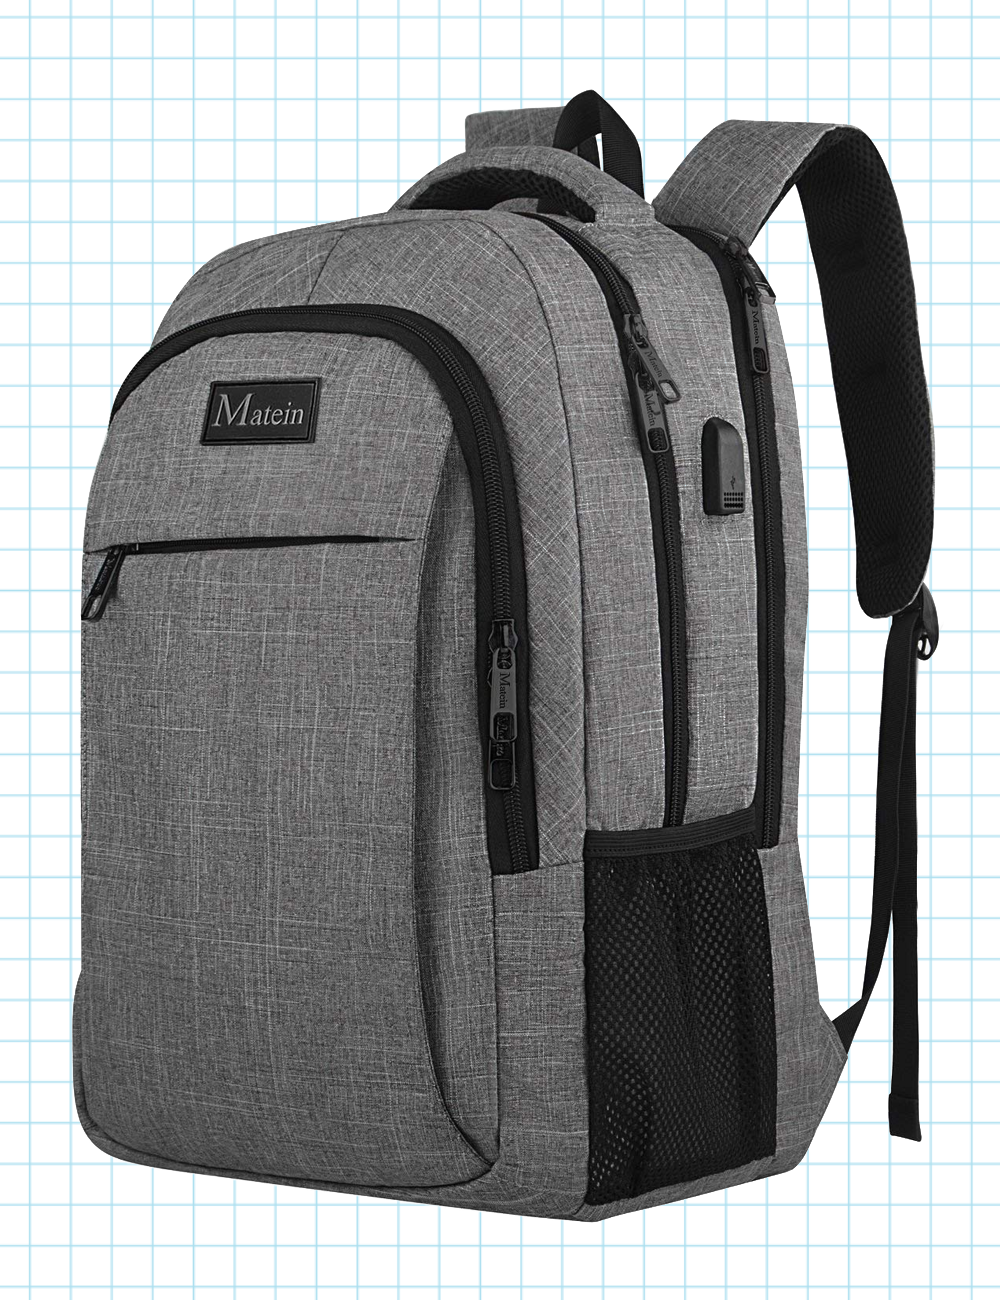 9 Best Kids Backpacks - Top-Rated School